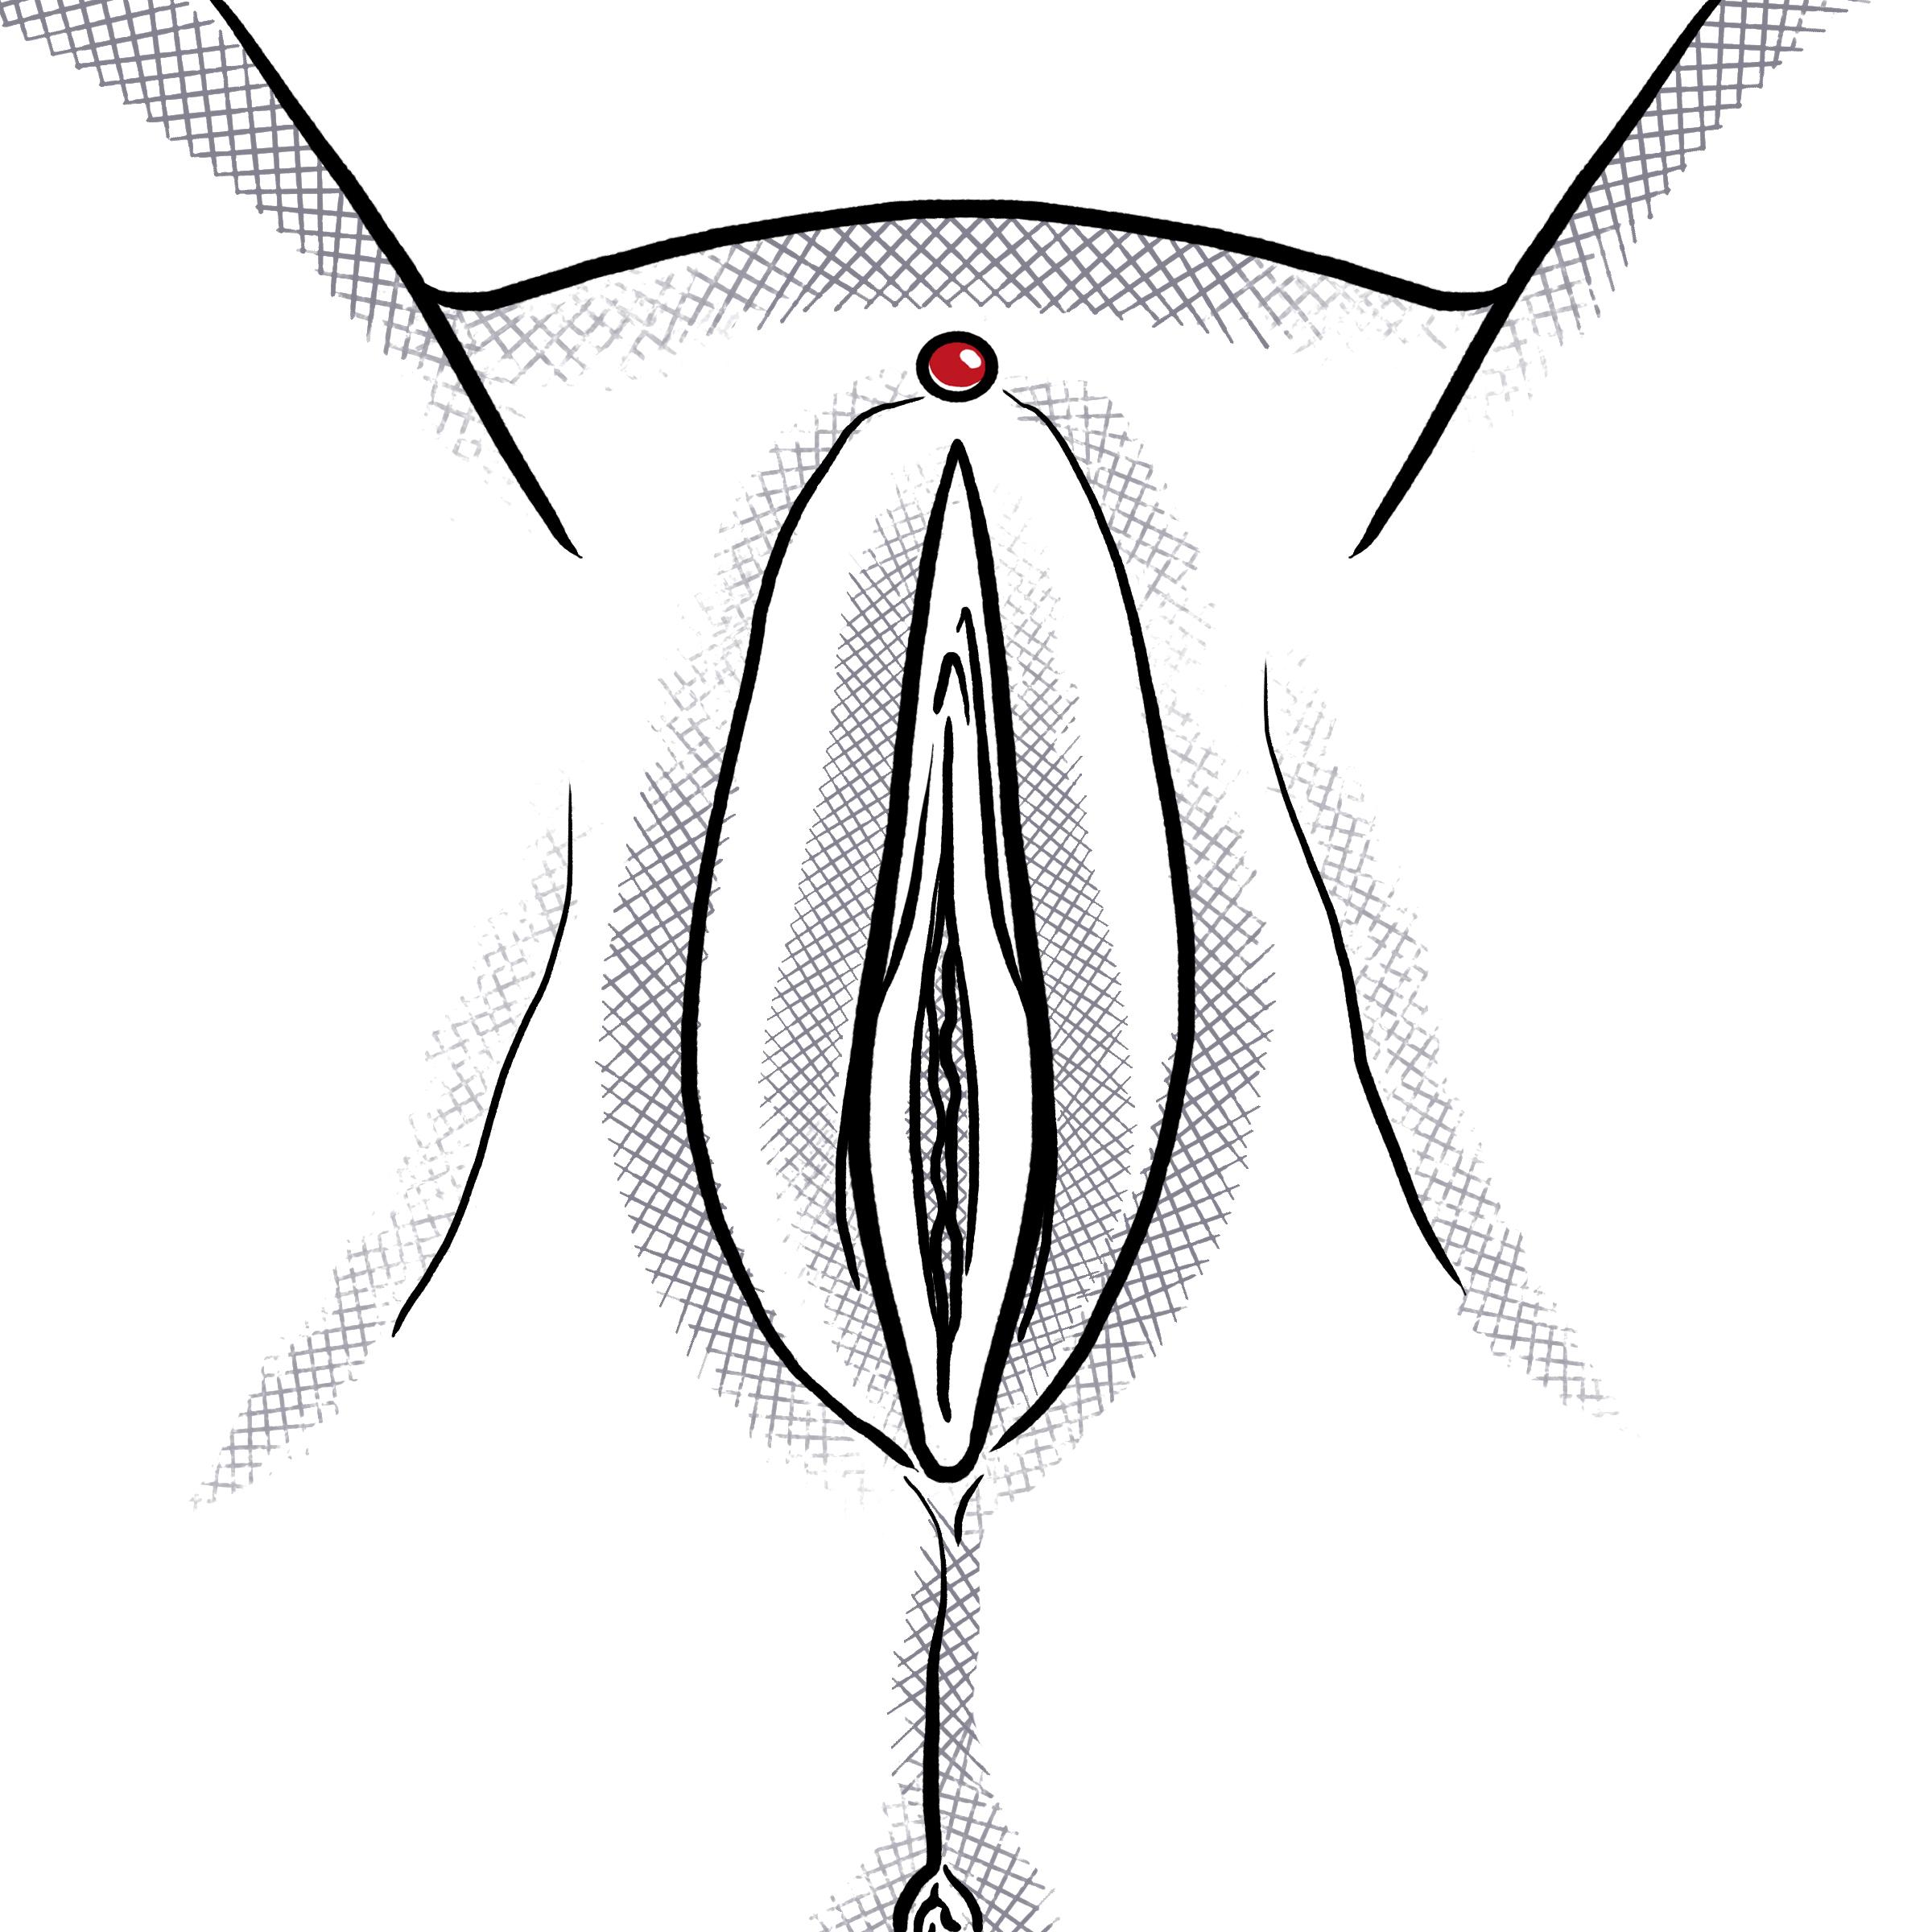 Frau piercing im intimbereich ᐅ Schamlippenpiercing